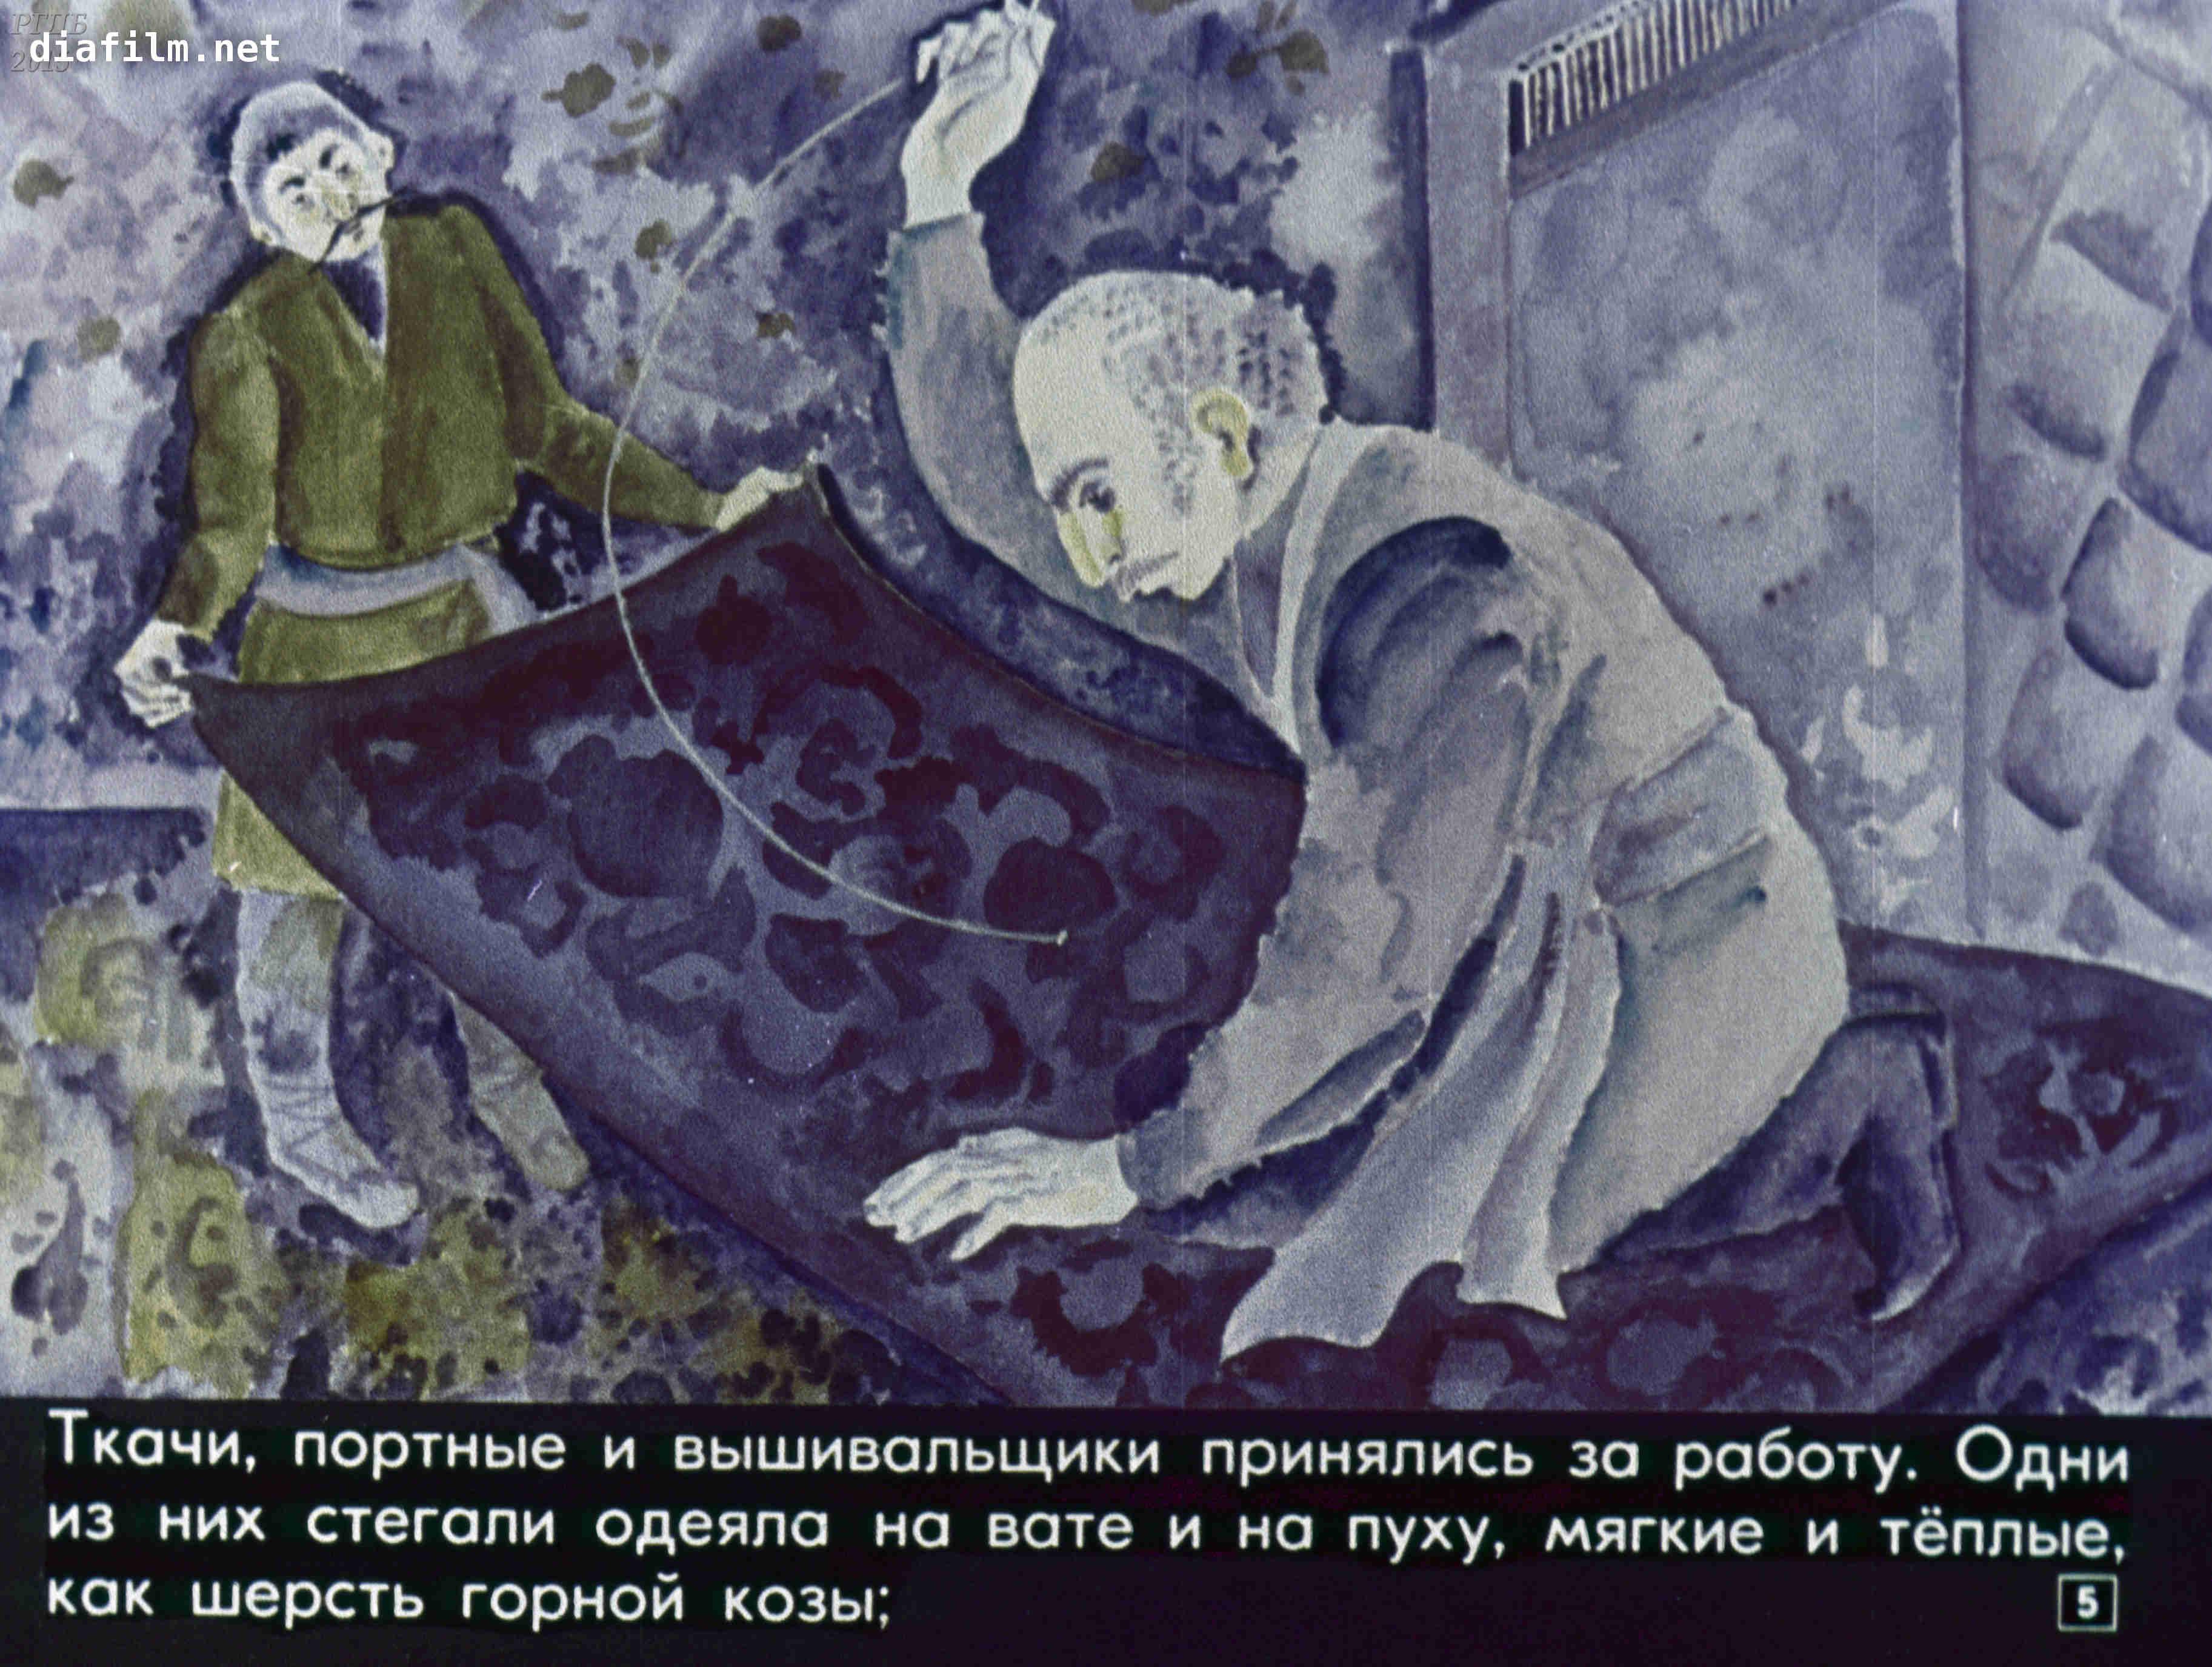 армянская сказка с картинками сегодняшний день